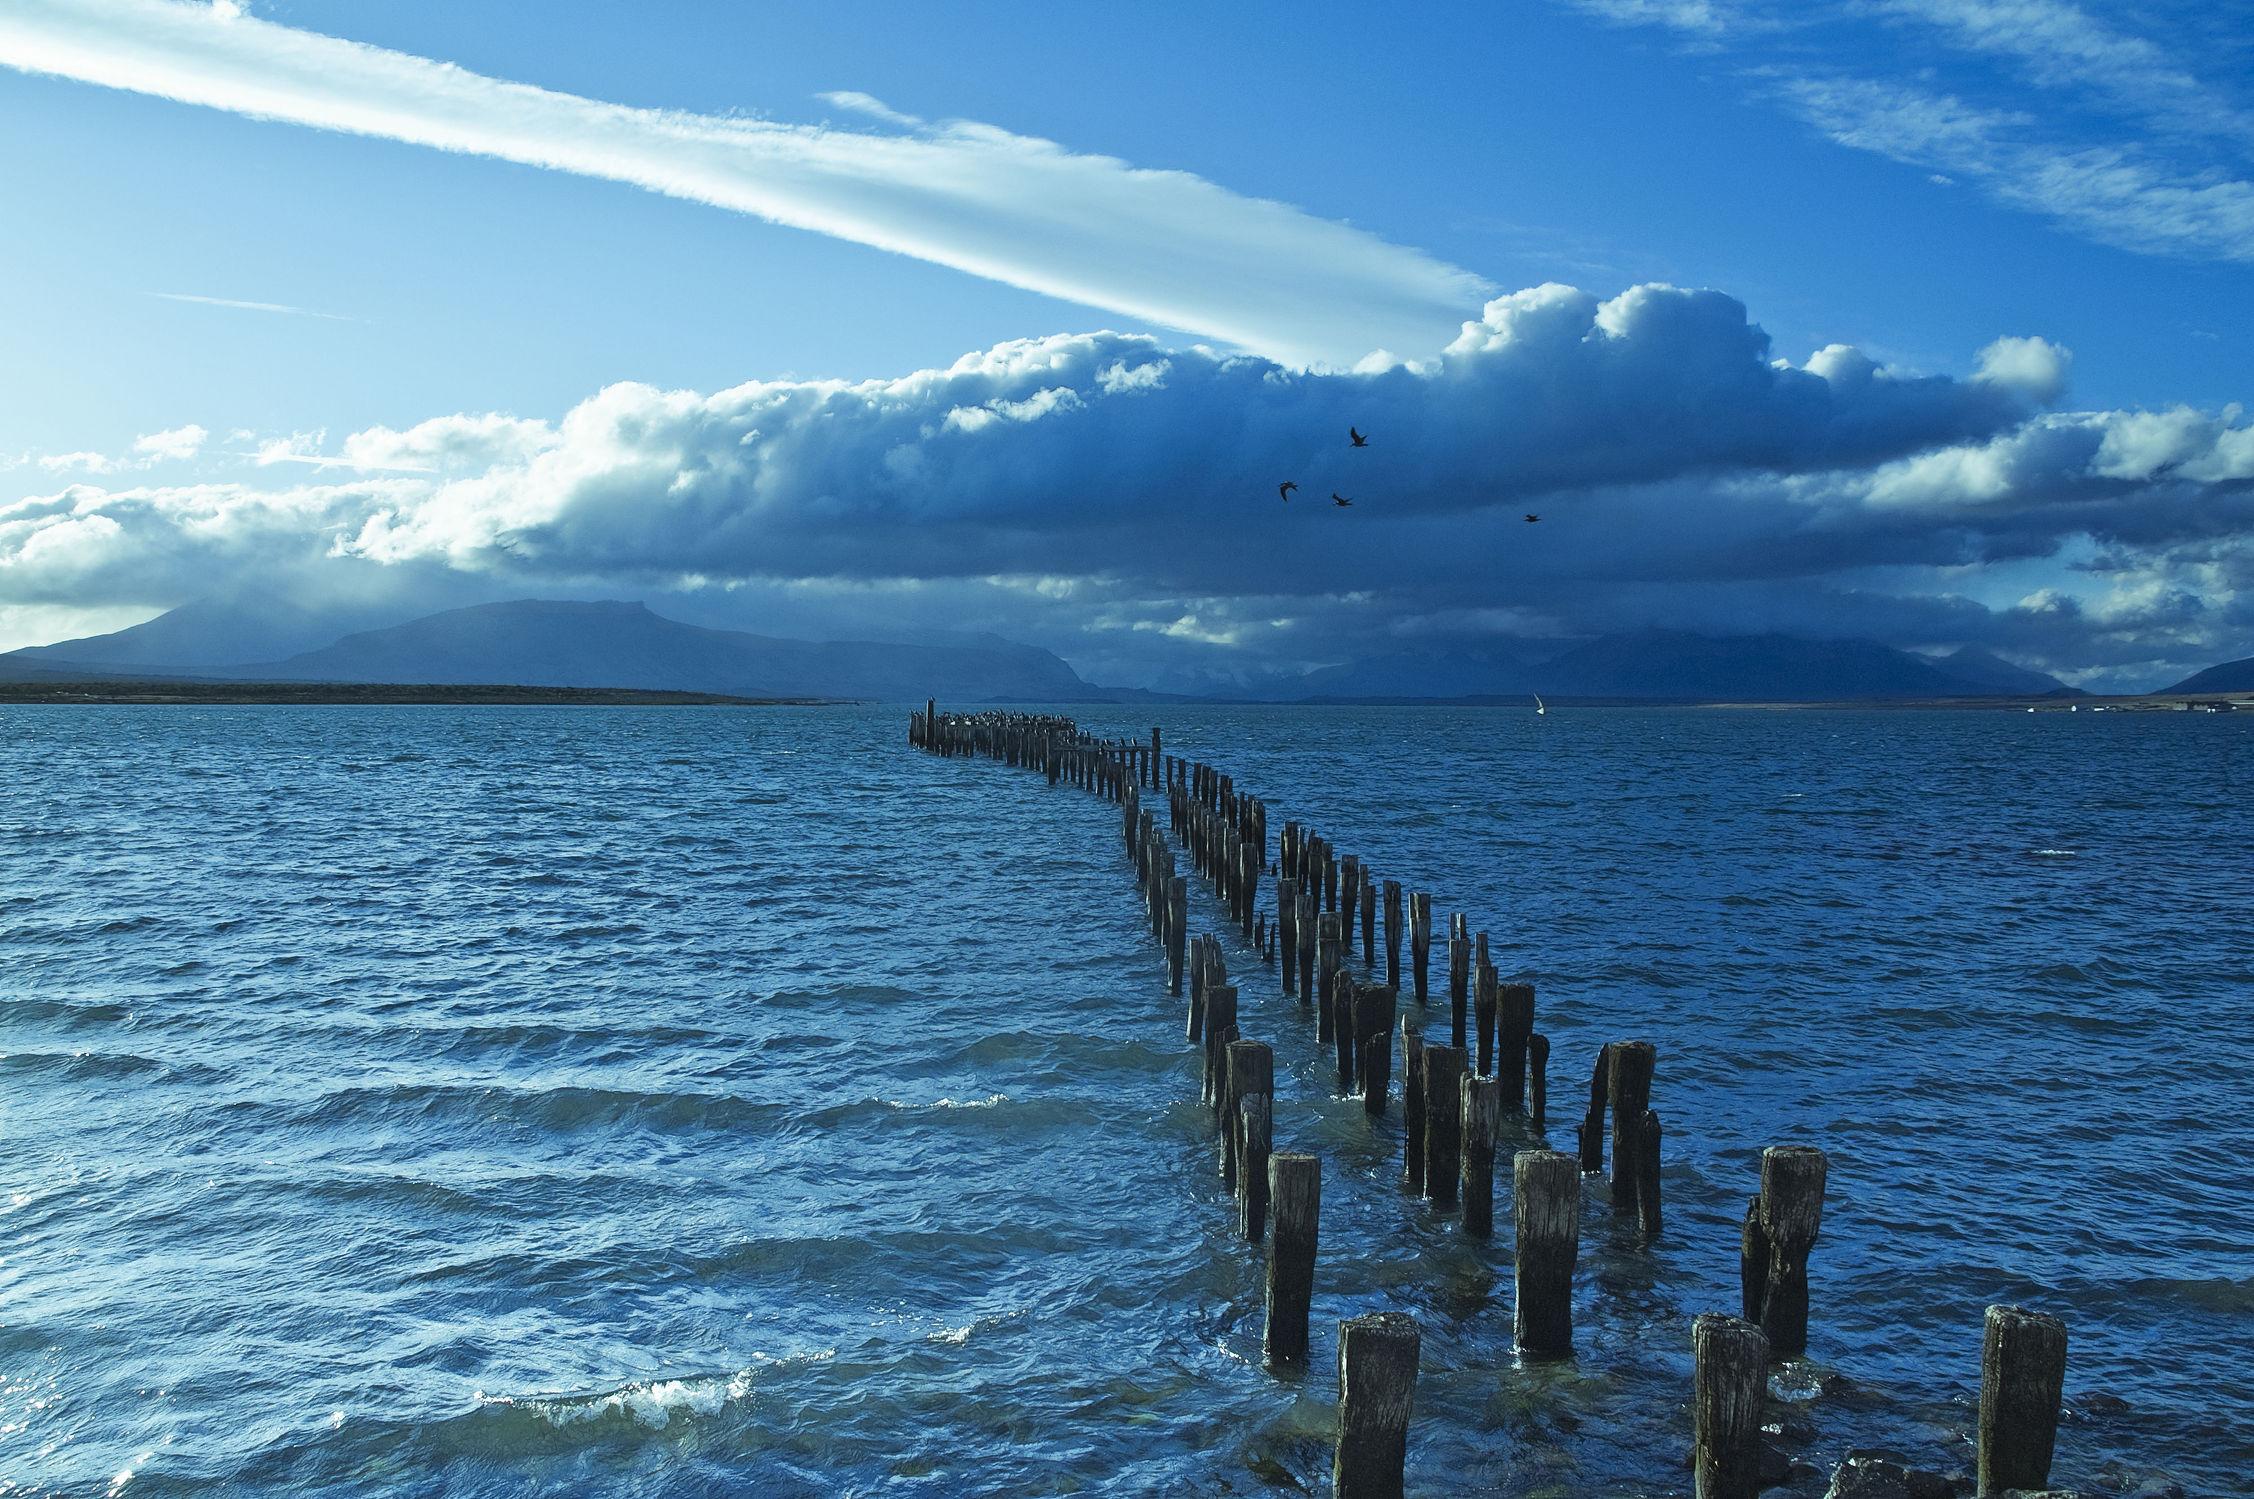 Bild mit Natur, Wasser, Wolken, Gewässer, Meere, Strände, Sonnenuntergang, Urlaub, Sonnenaufgang, Schiffe, Strand, Meerblick, Ostsee, Reisen, Strand & Meer, Abend am Meer, Reise, Wolke, Argentinien